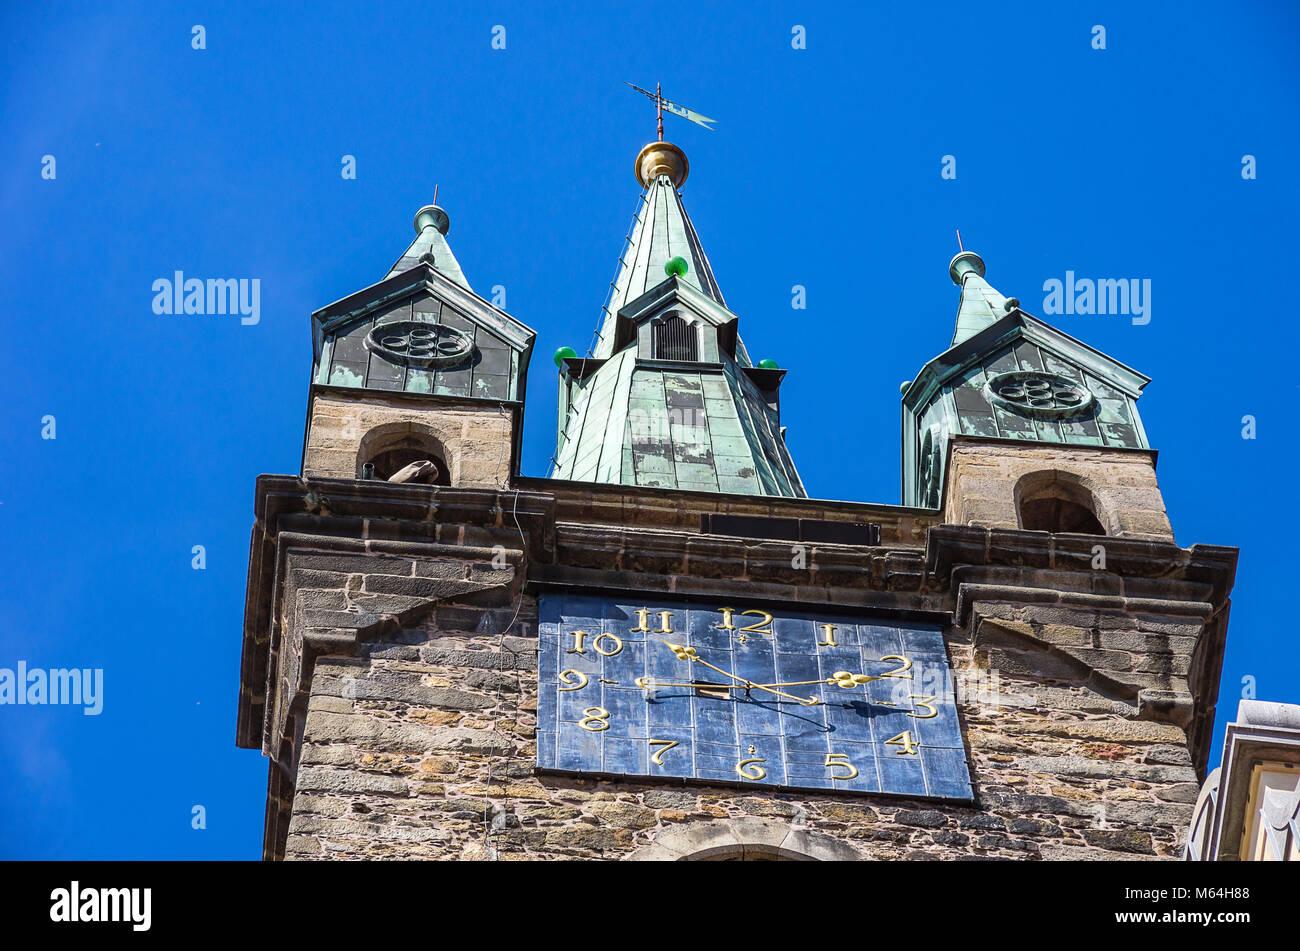 Klatovy, Tschechien - Blick auf die Uhr und die Turmspitze der Schwarze Turm. Stockbild